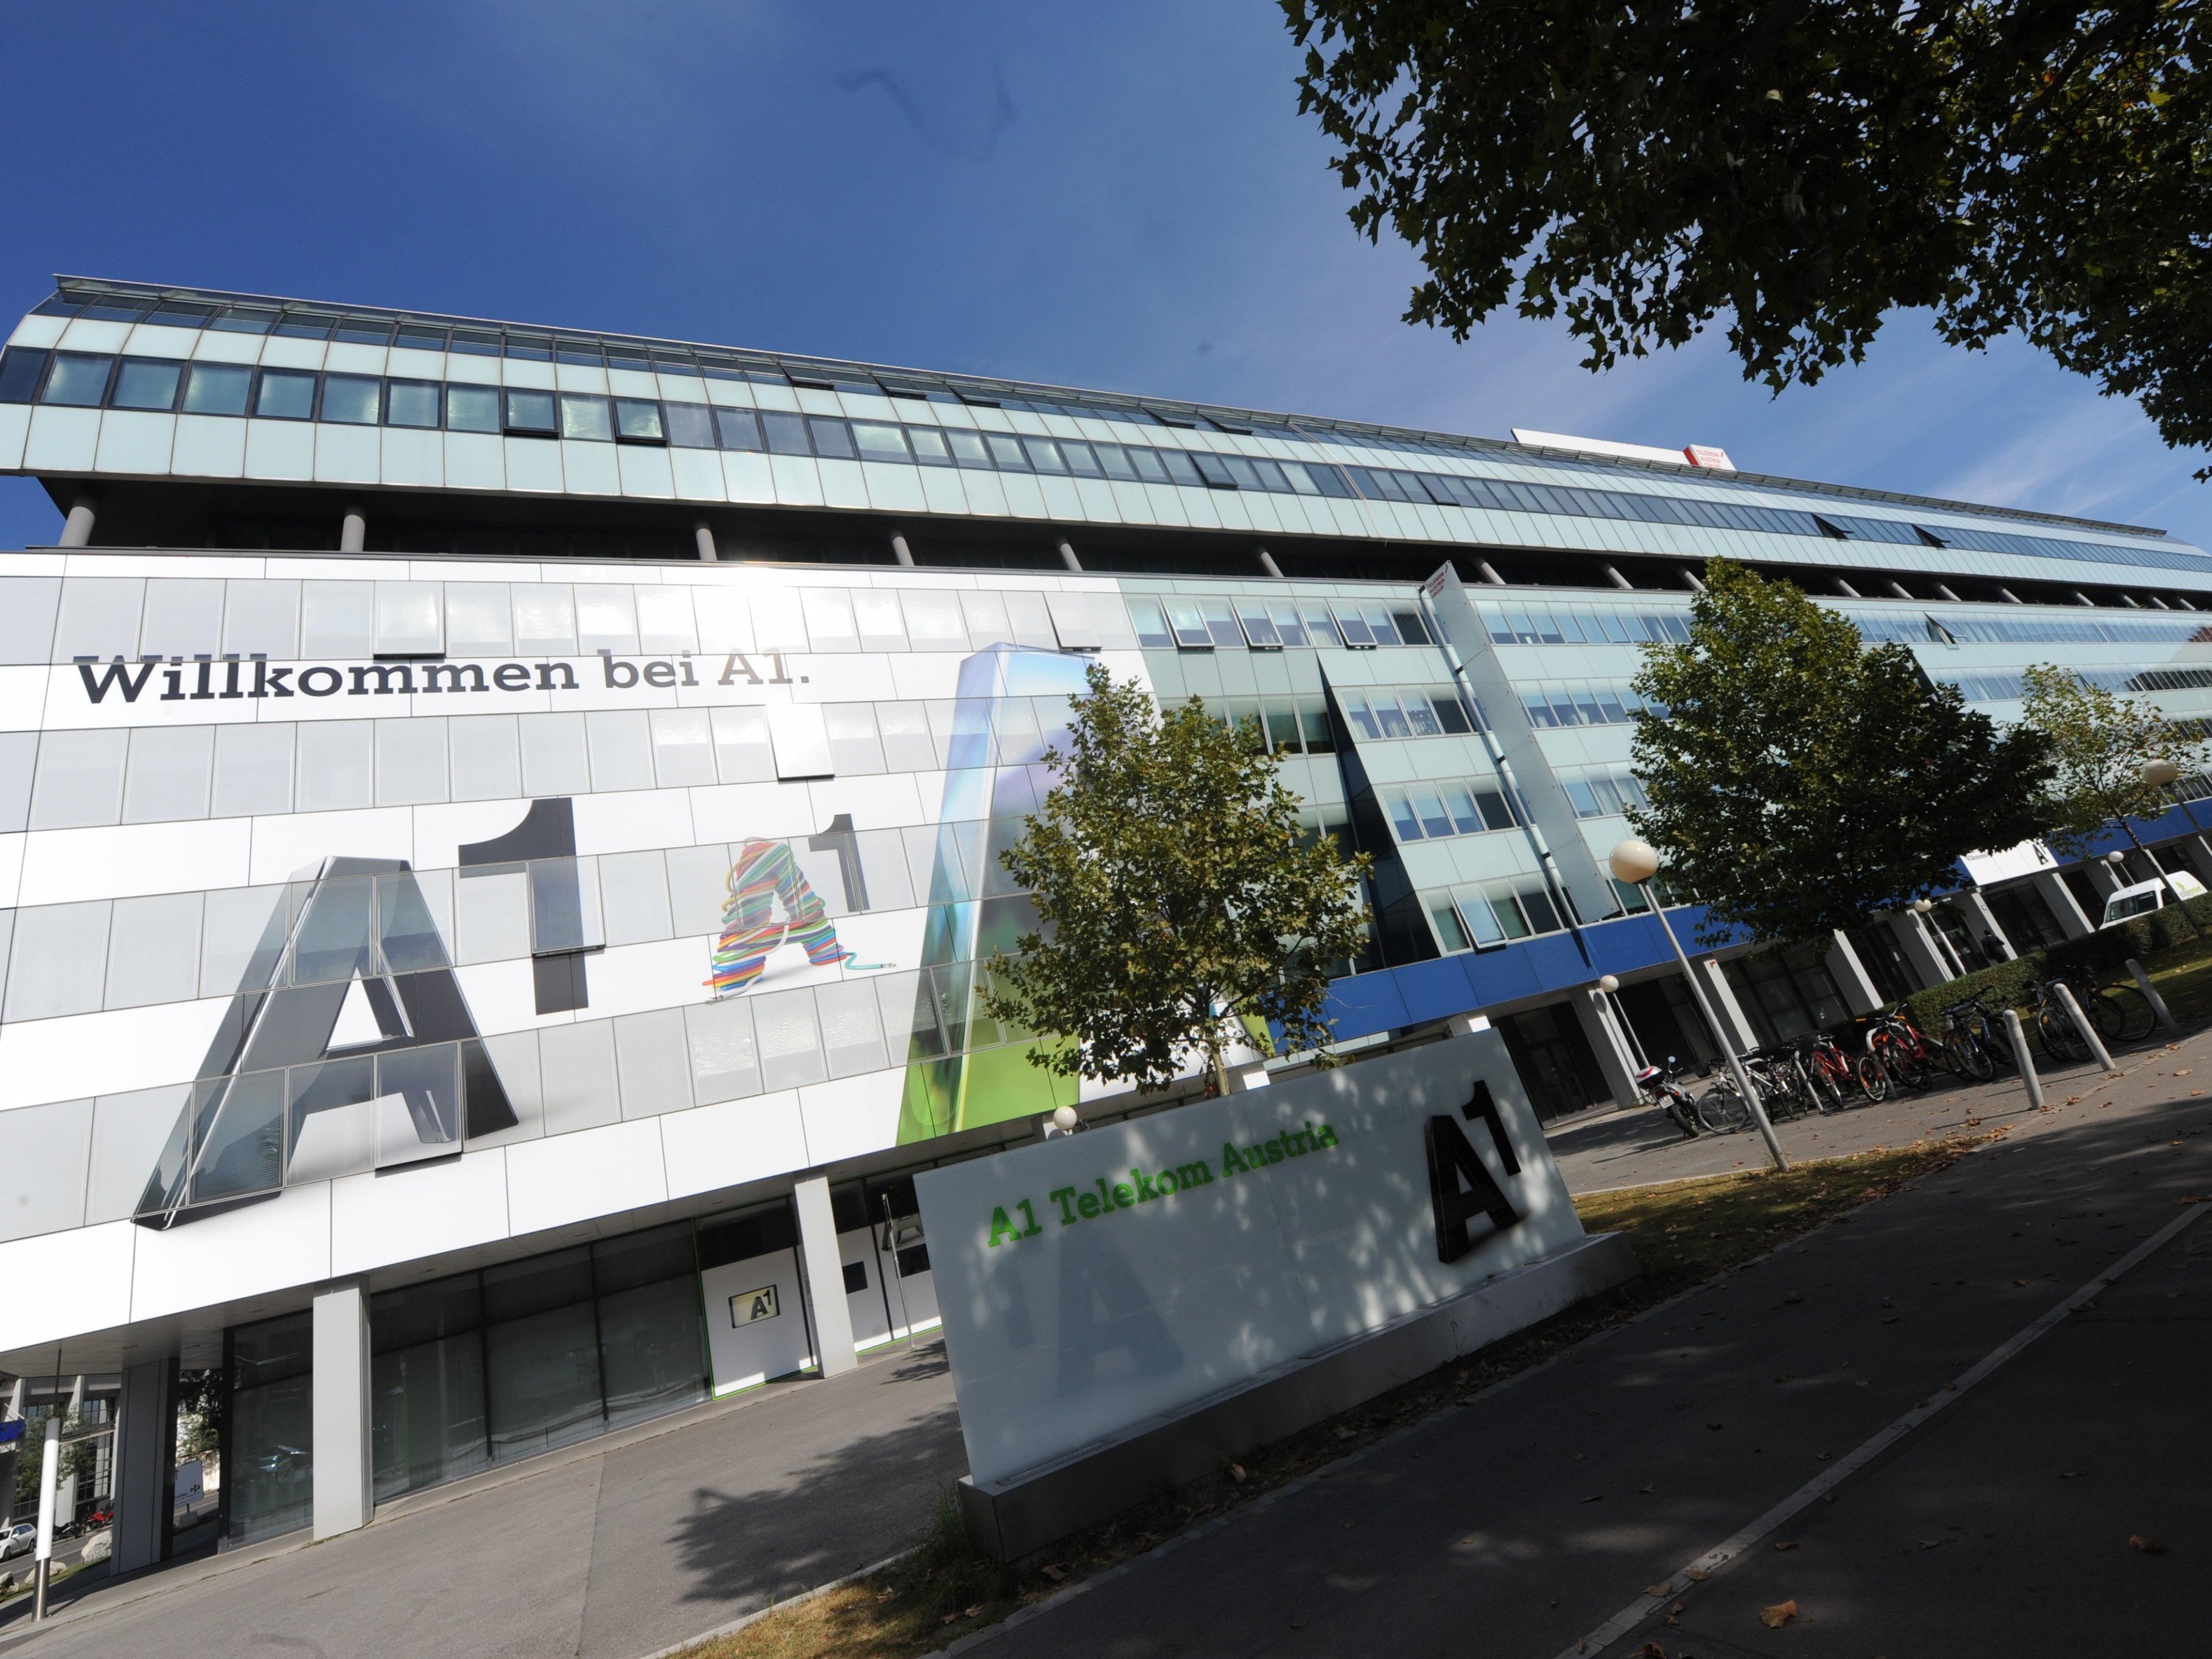 Ein Hacker-Angriff soll die mobilen Internet-Ausfälle bei A1 verursacht haben.